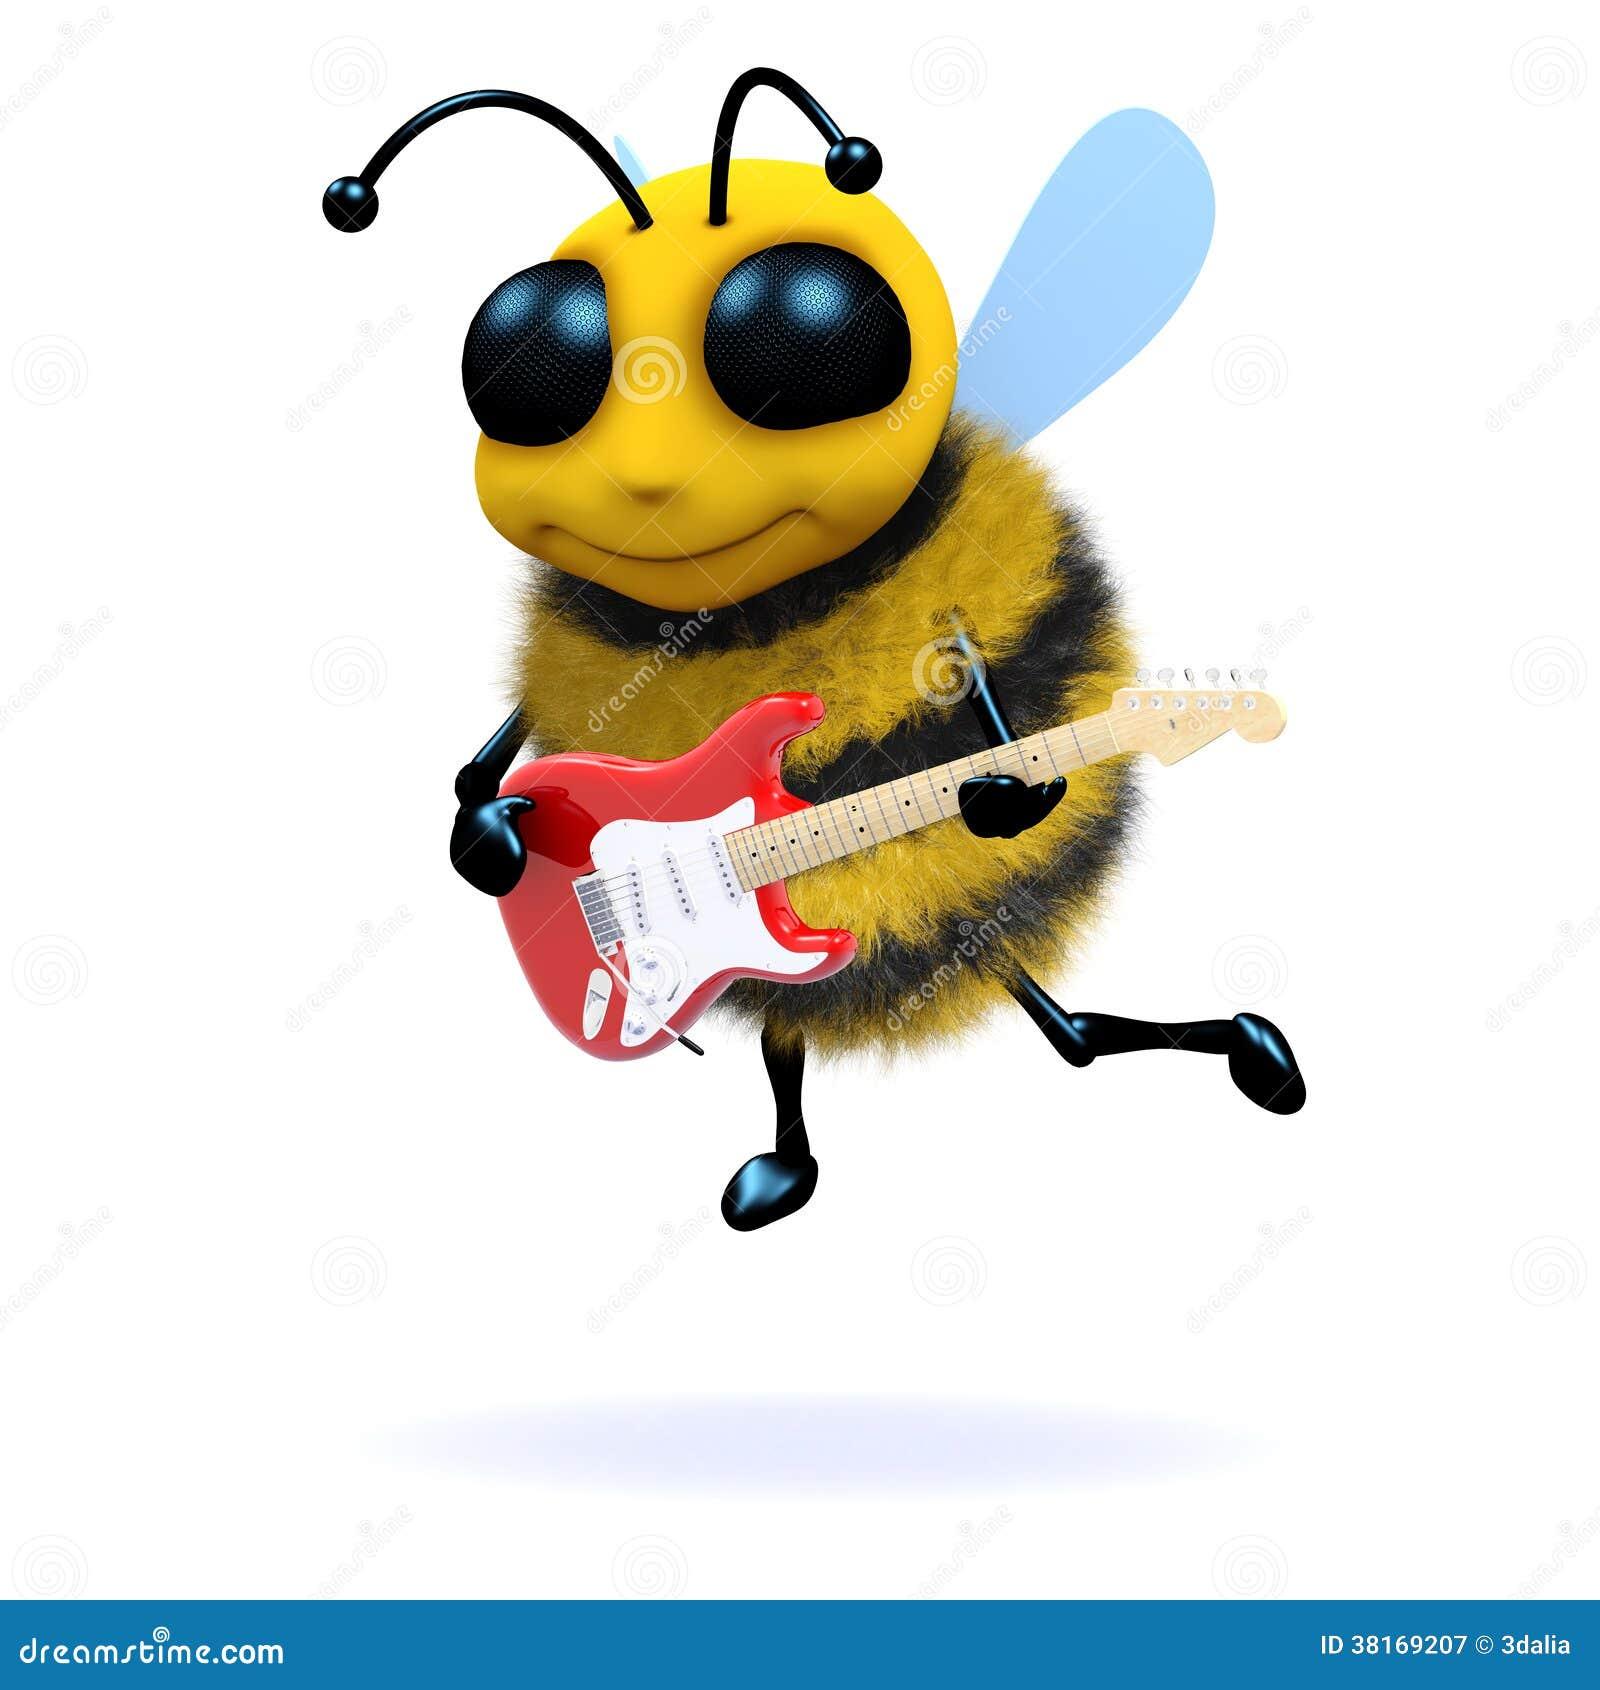 3d-bee-guitarist-38169207.jpg&f=1